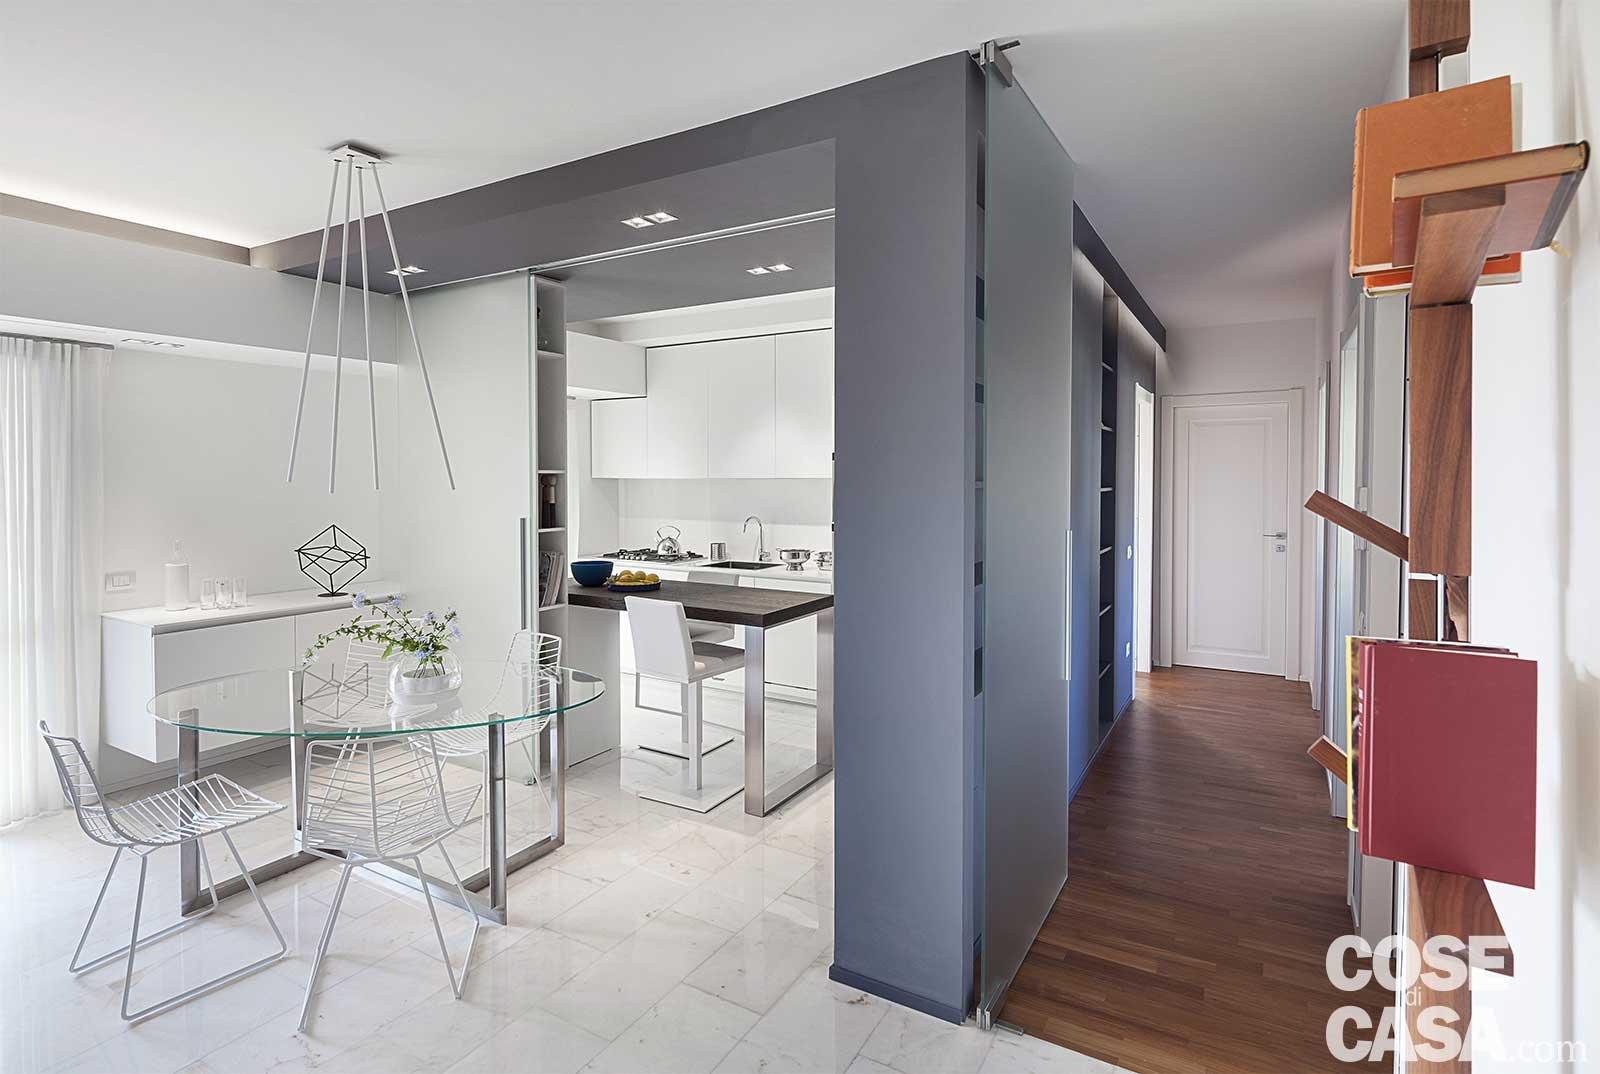 80 mq con controsoffitti funzionali e d 39 effetto cose di casa - Controsoffitti in cucina ...